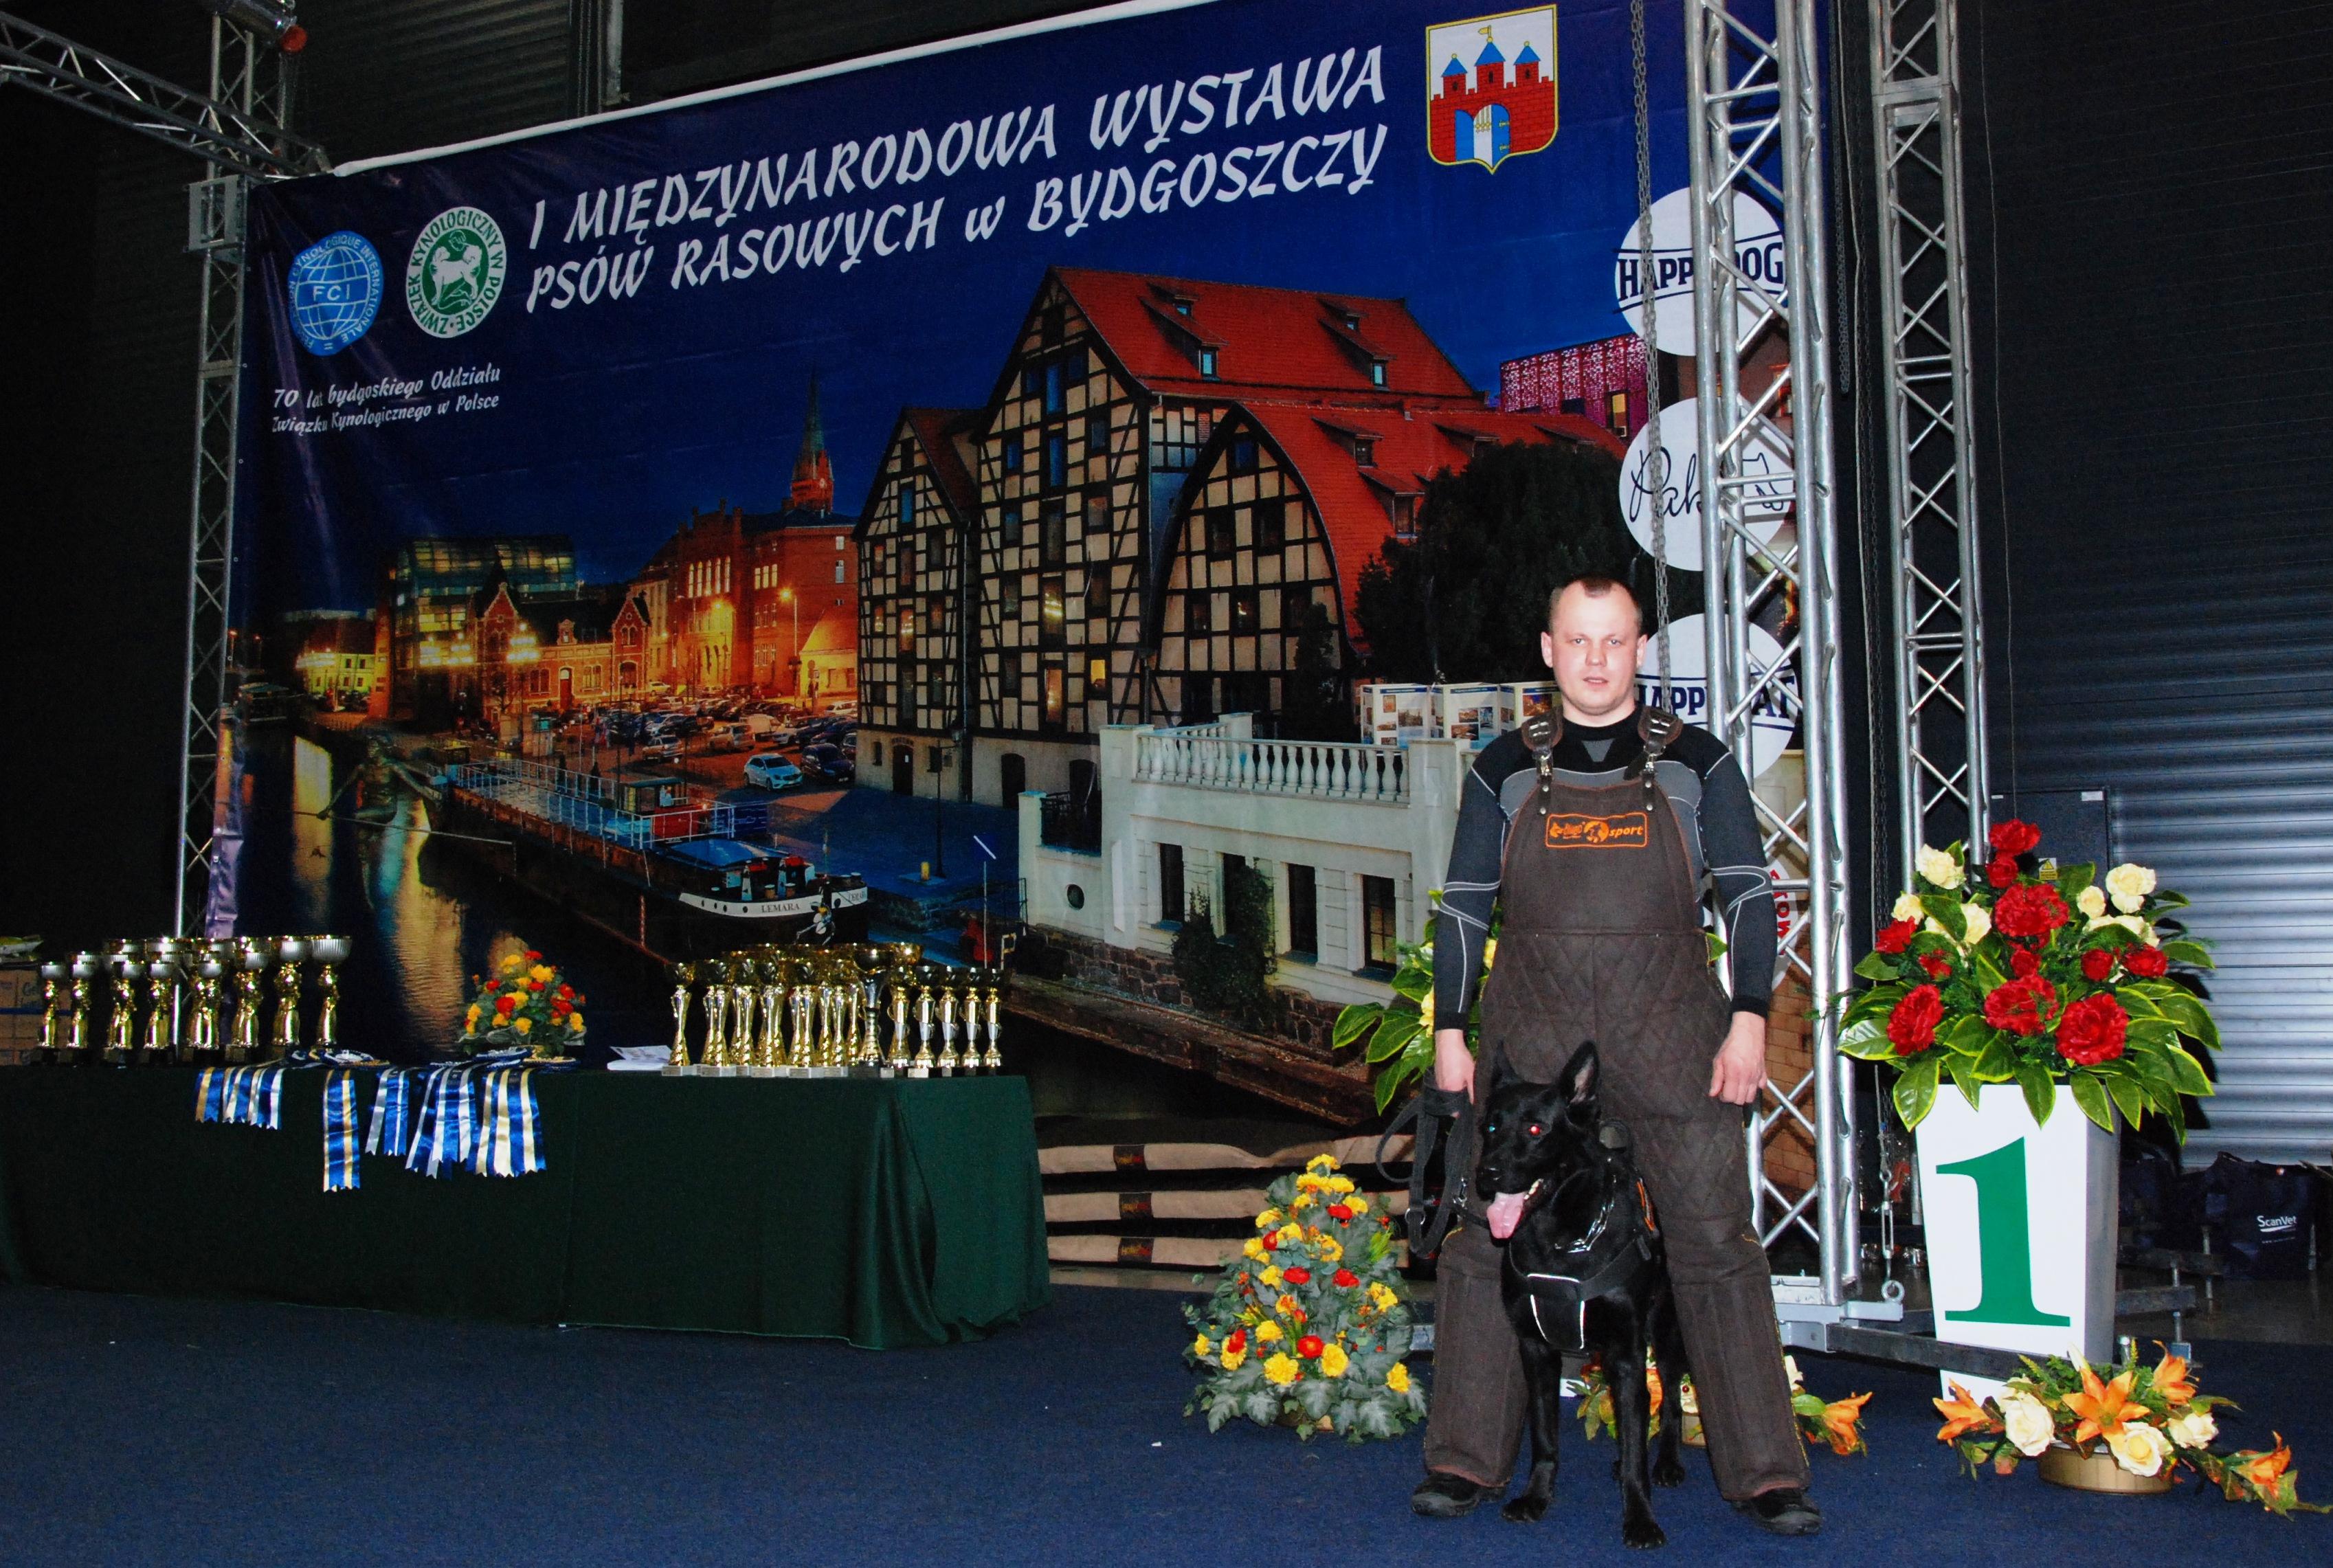 Pokaz pracy przewodników i psów służbowych ze Straży Miejskiej w Bydgoszczy